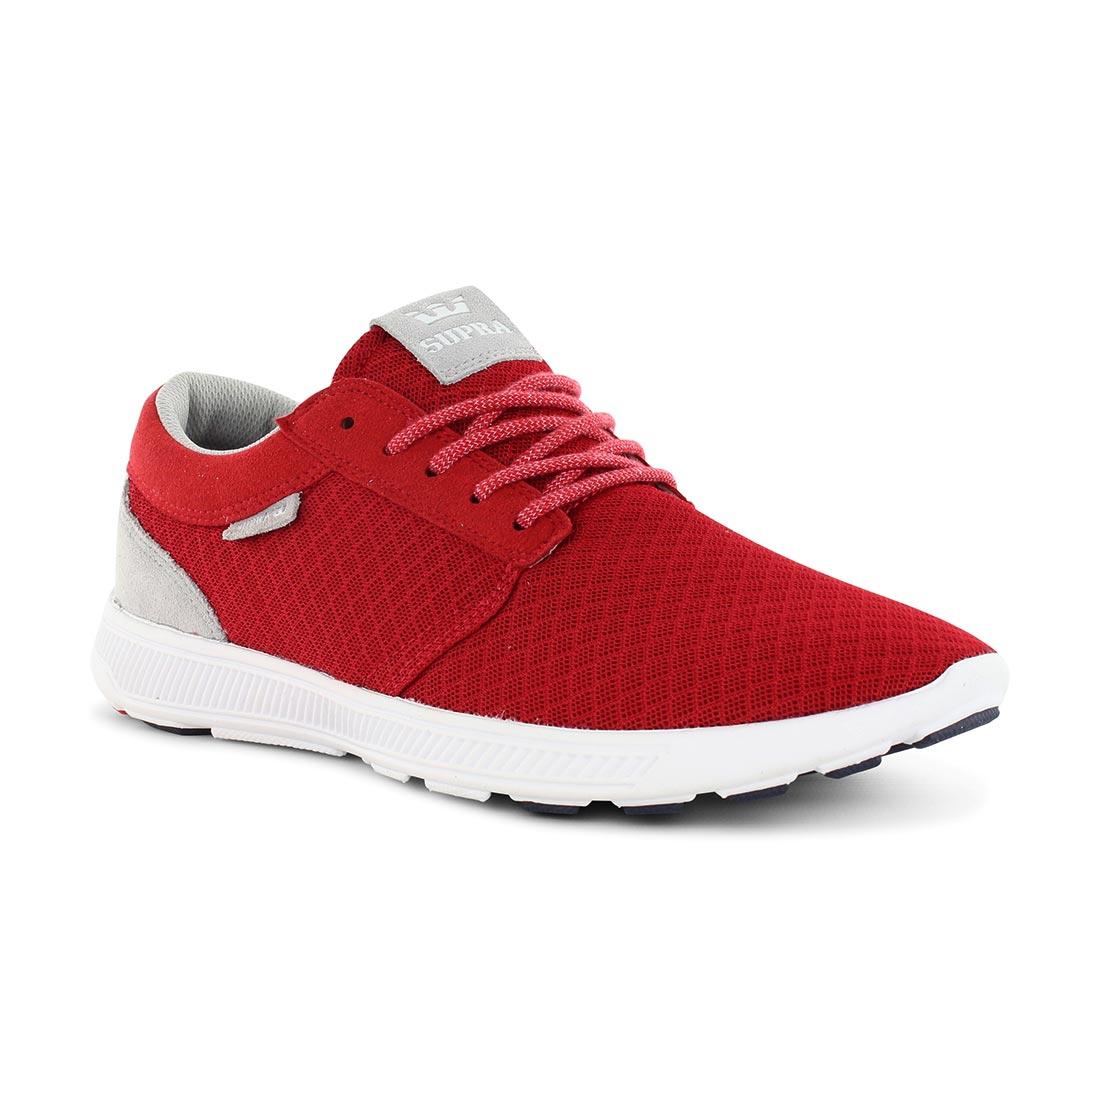 eada807d2220 Supra Shoes Hammer Run - Red White